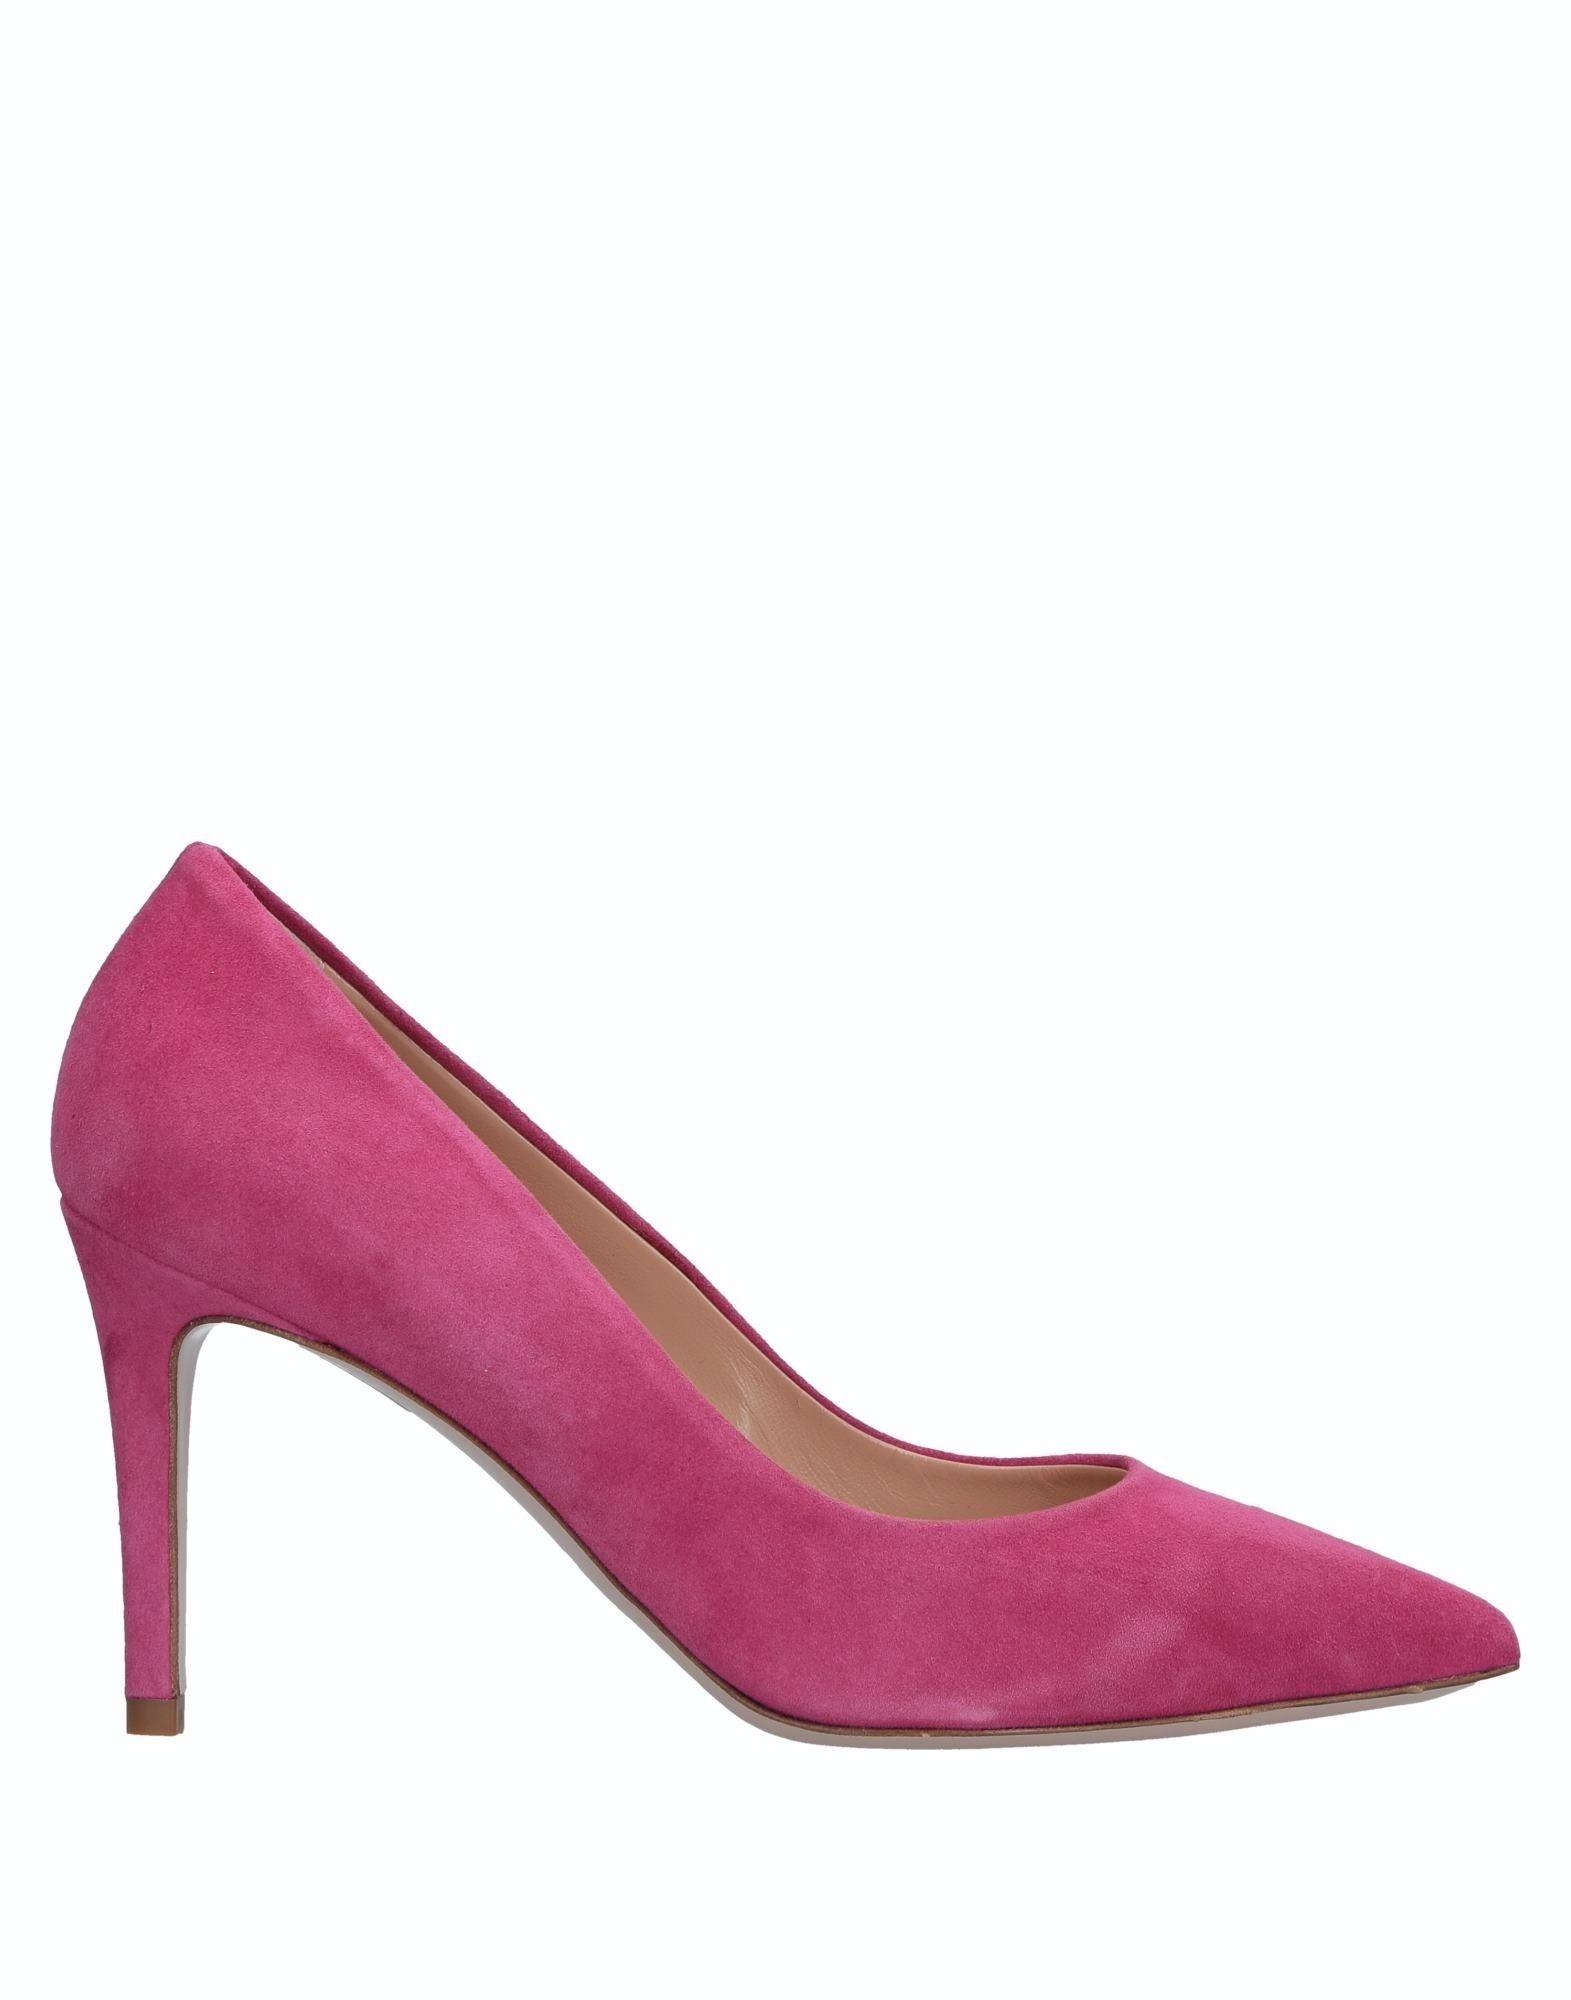 Rabatt Schuhe Marco Barbabella Pumps 11228441HO Damen  11228441HO Pumps b2fd53